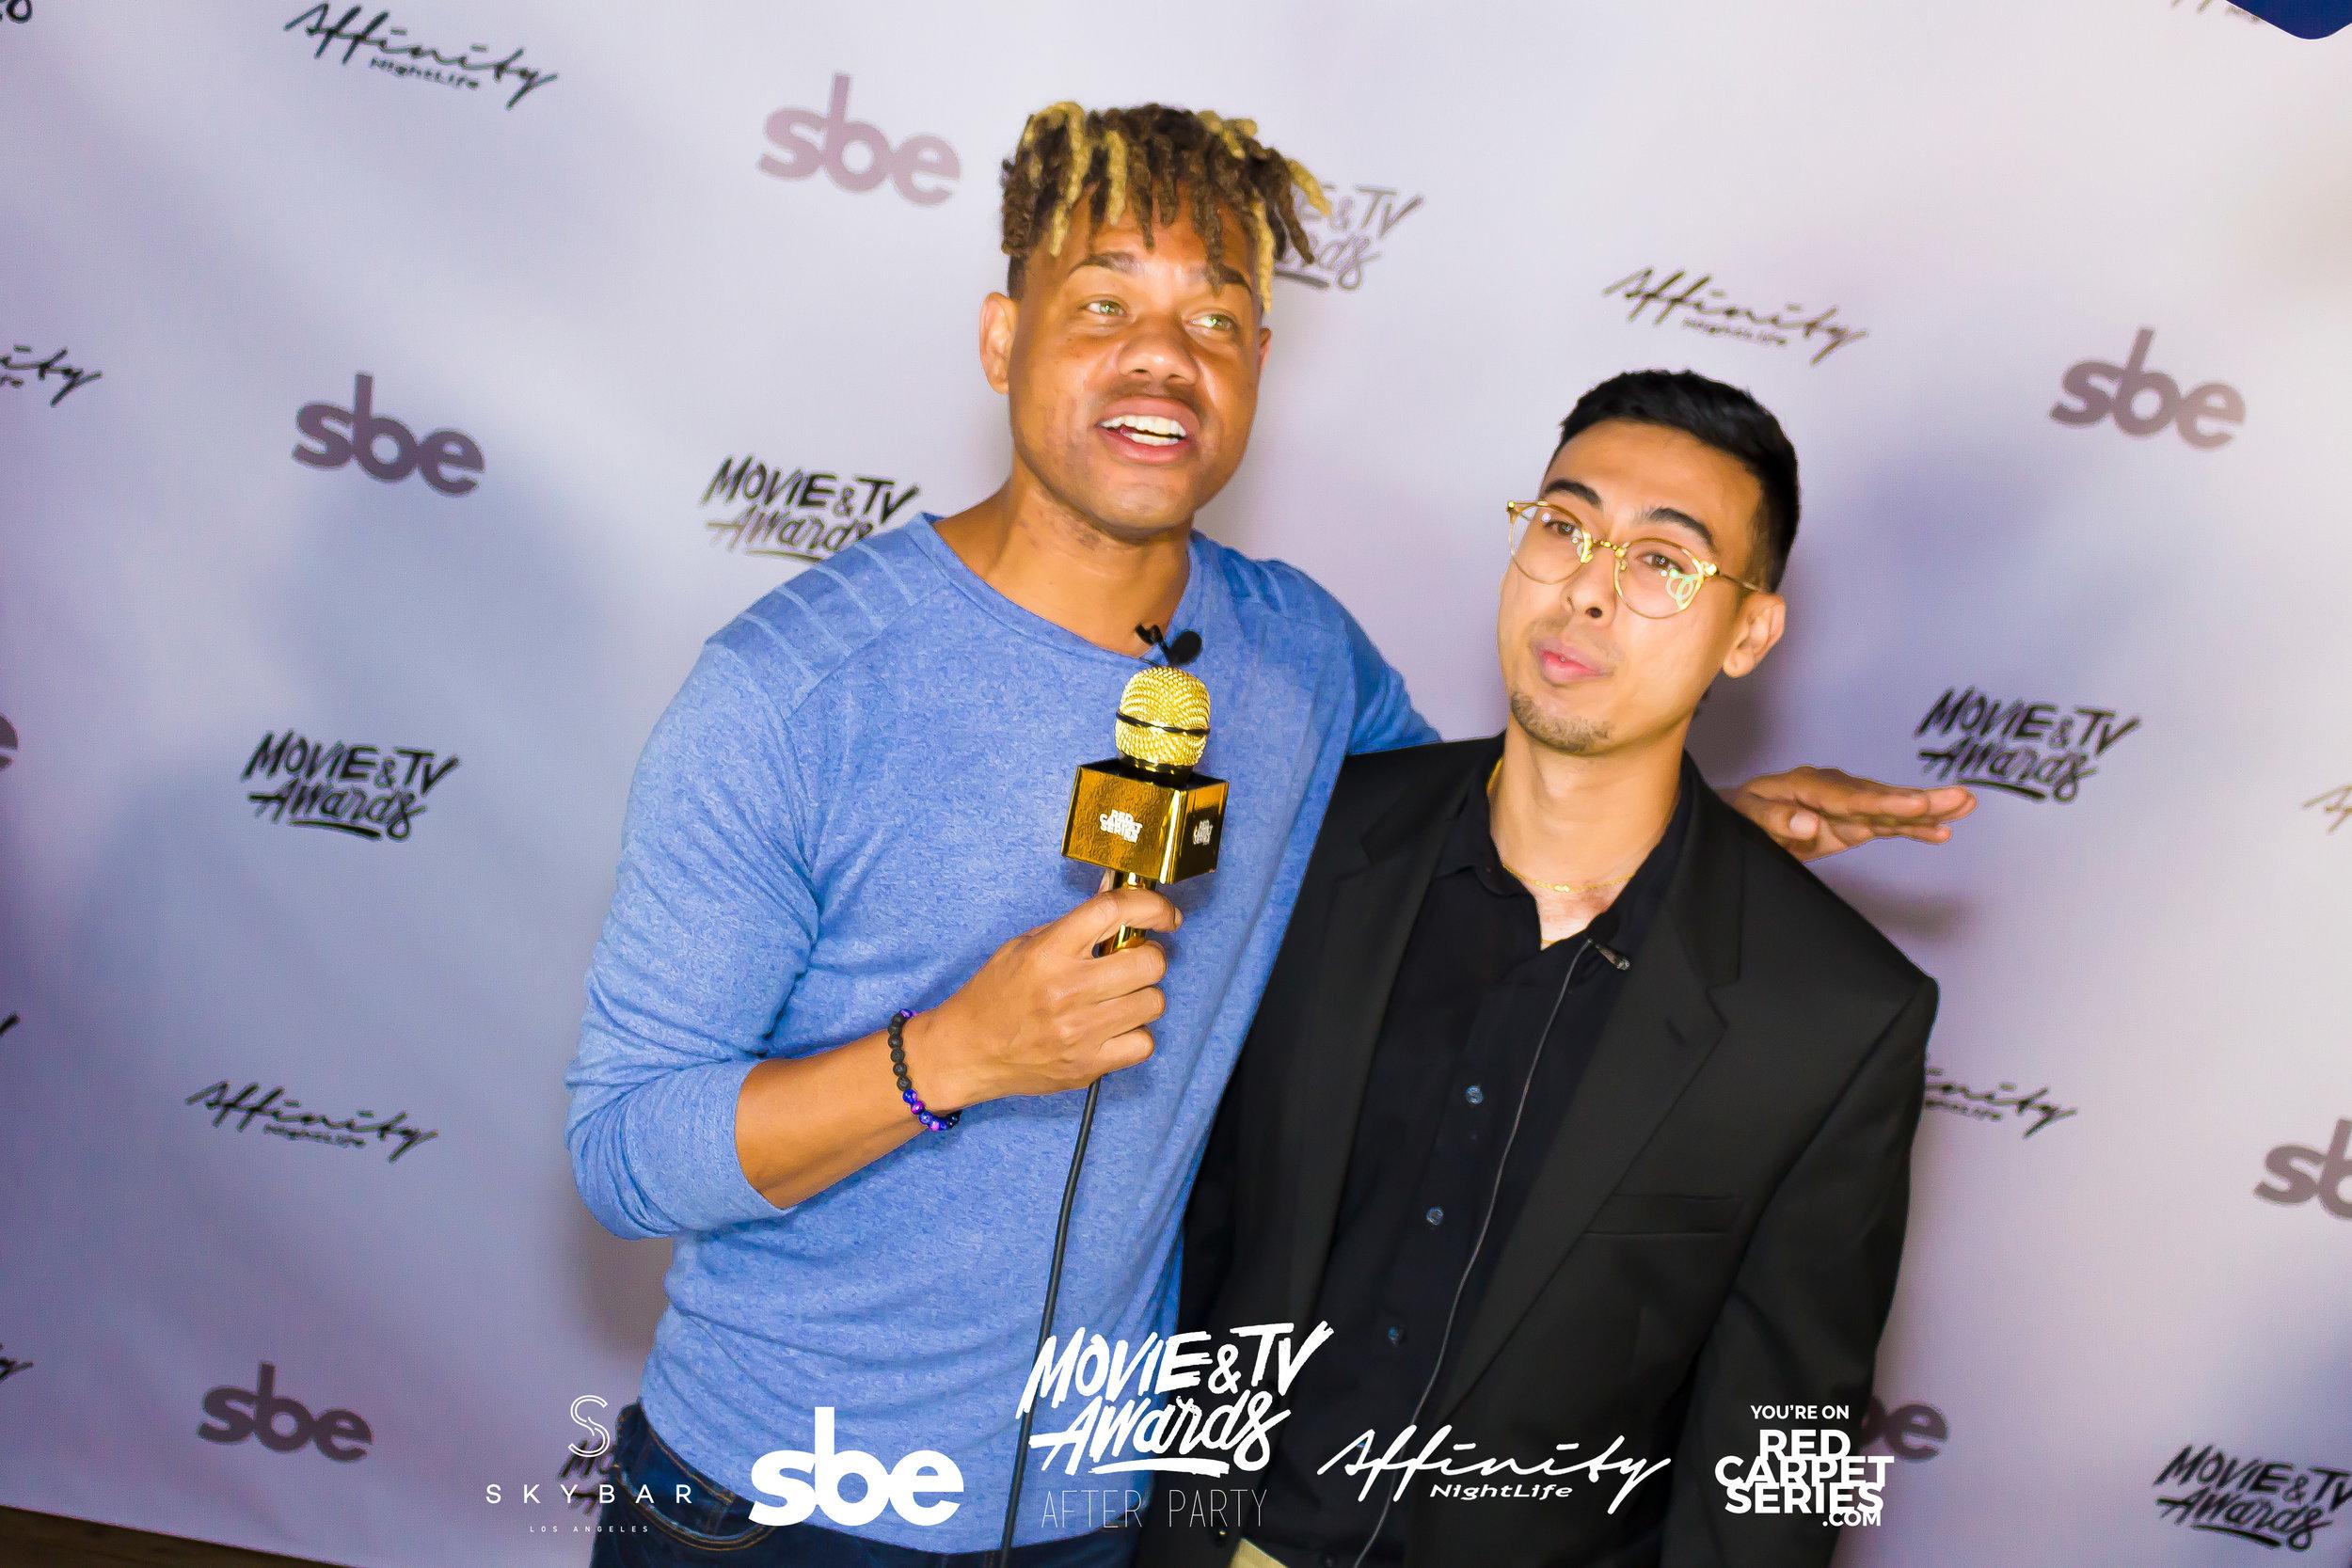 Affinity Nightlife MTV Movie & TV Awards After Party - Skybar at Mondrian - 06-15-19 - Vol. 1_78.jpg